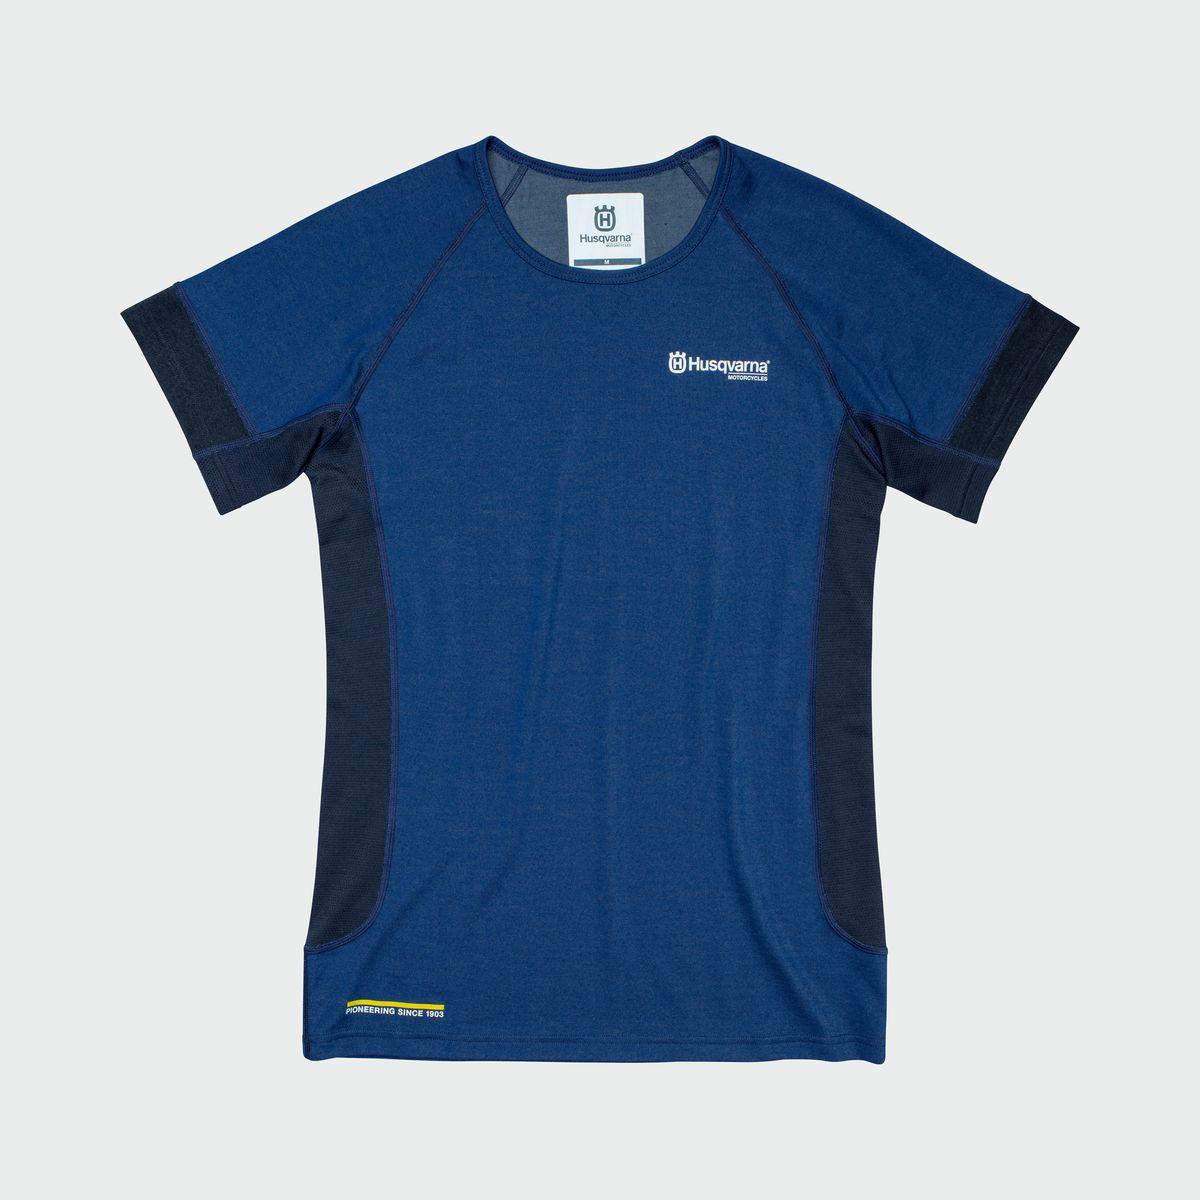 Husqvarna Functional Undershirt Image